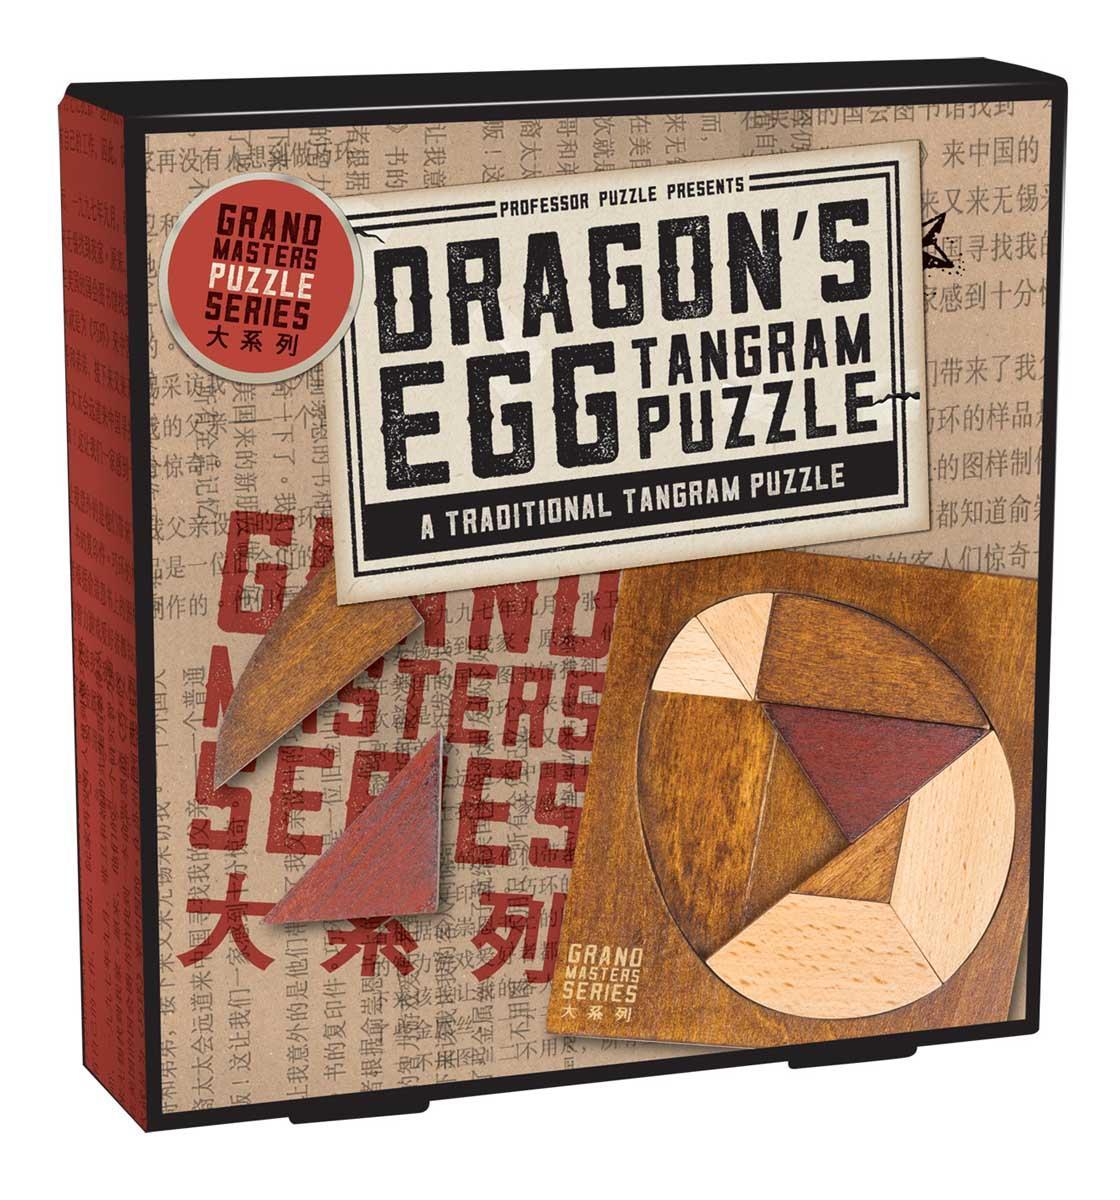 Tangram DRAGON'S EGG